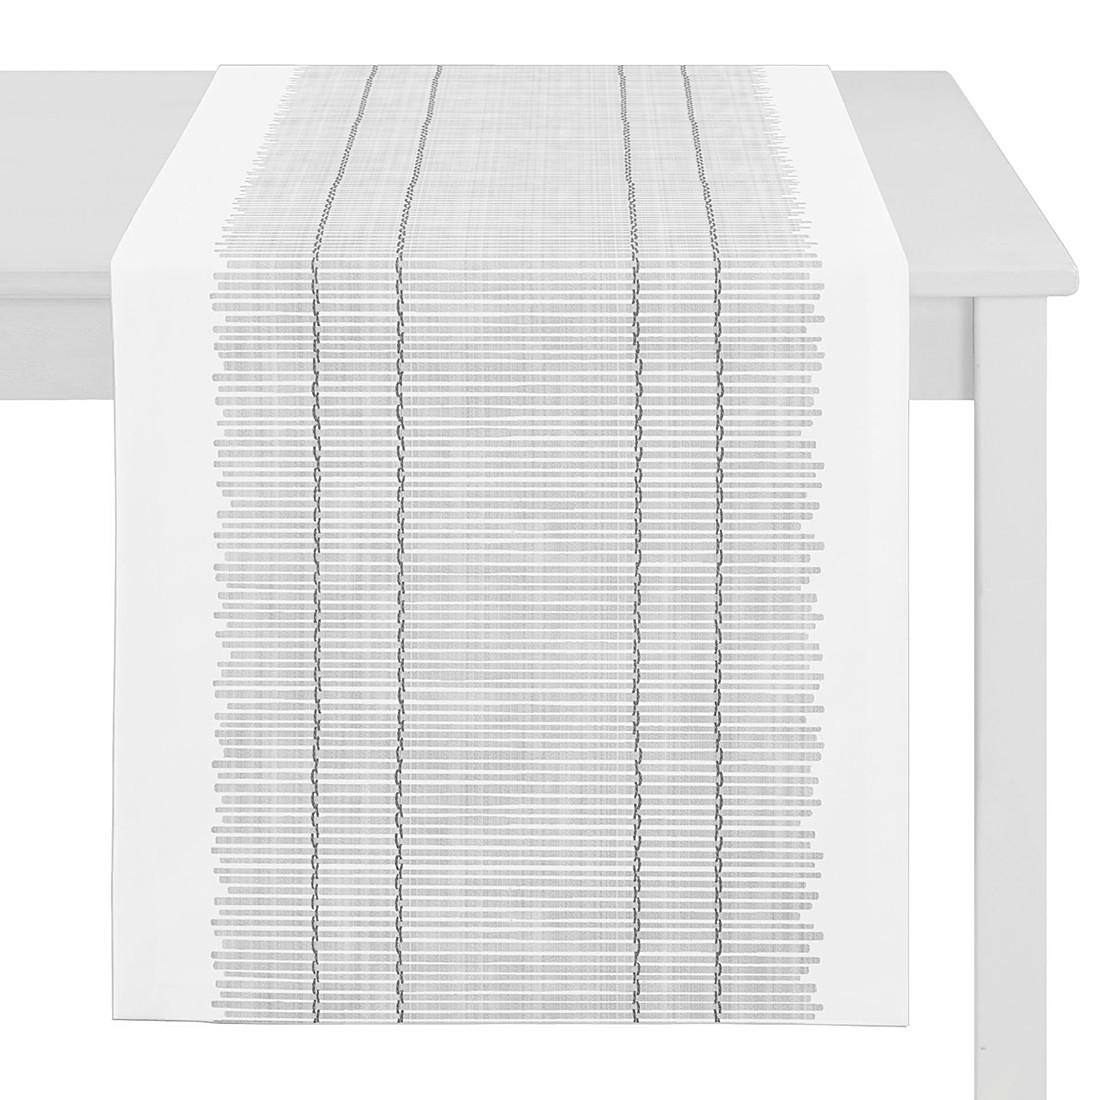 Tischläufer Loft I – Weiß, Apelt günstig